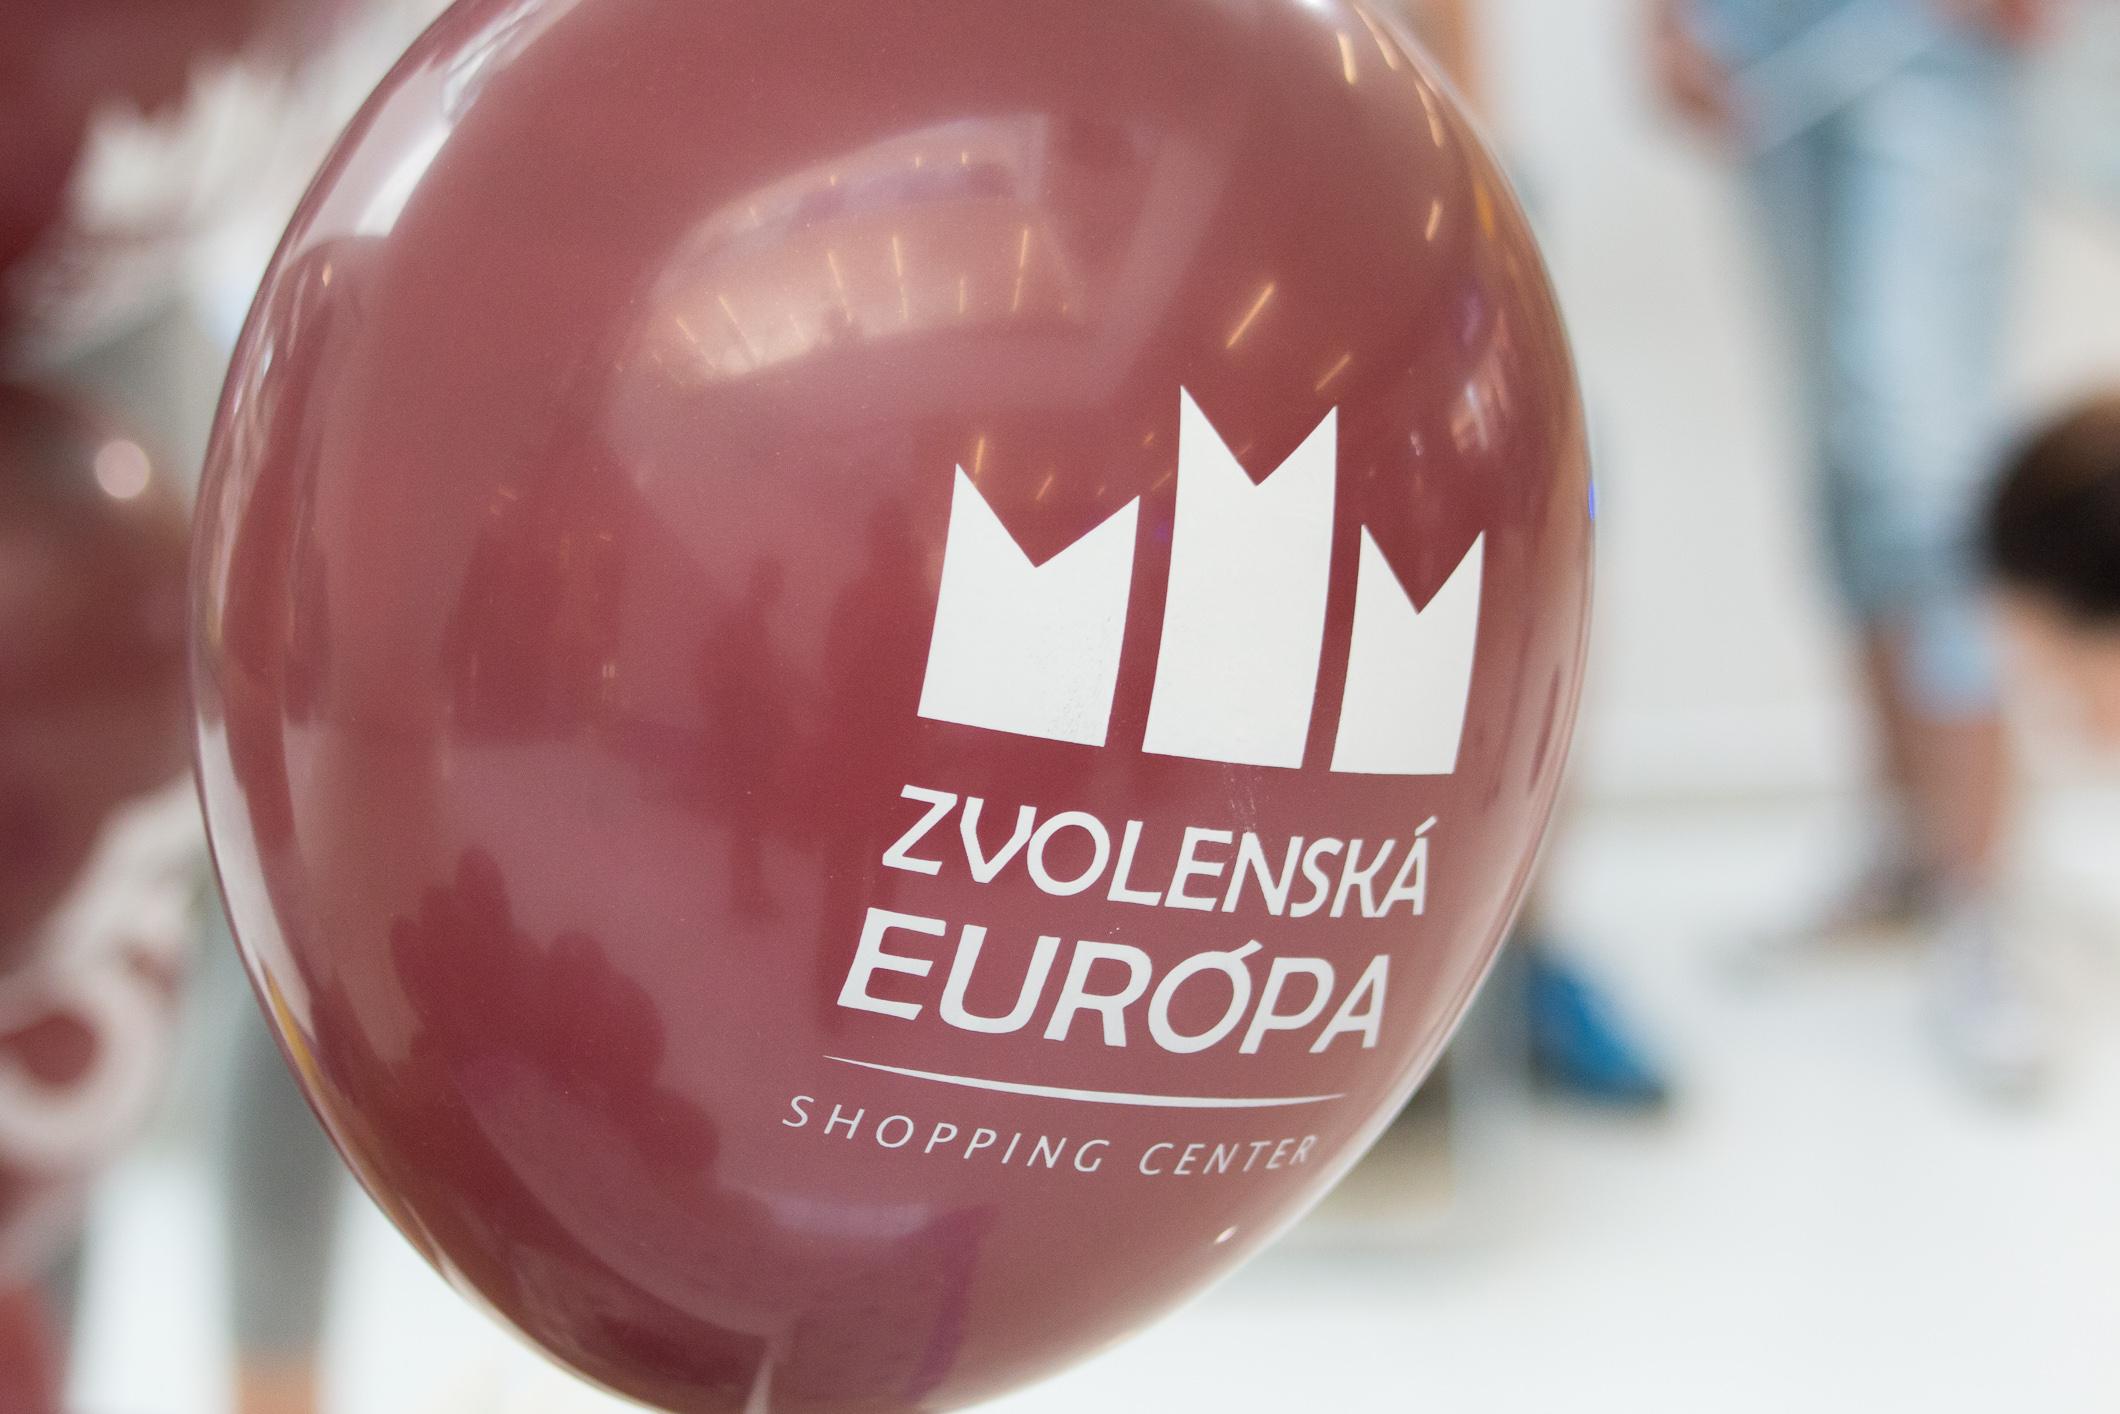 europa-zvolen-5-rokov-110